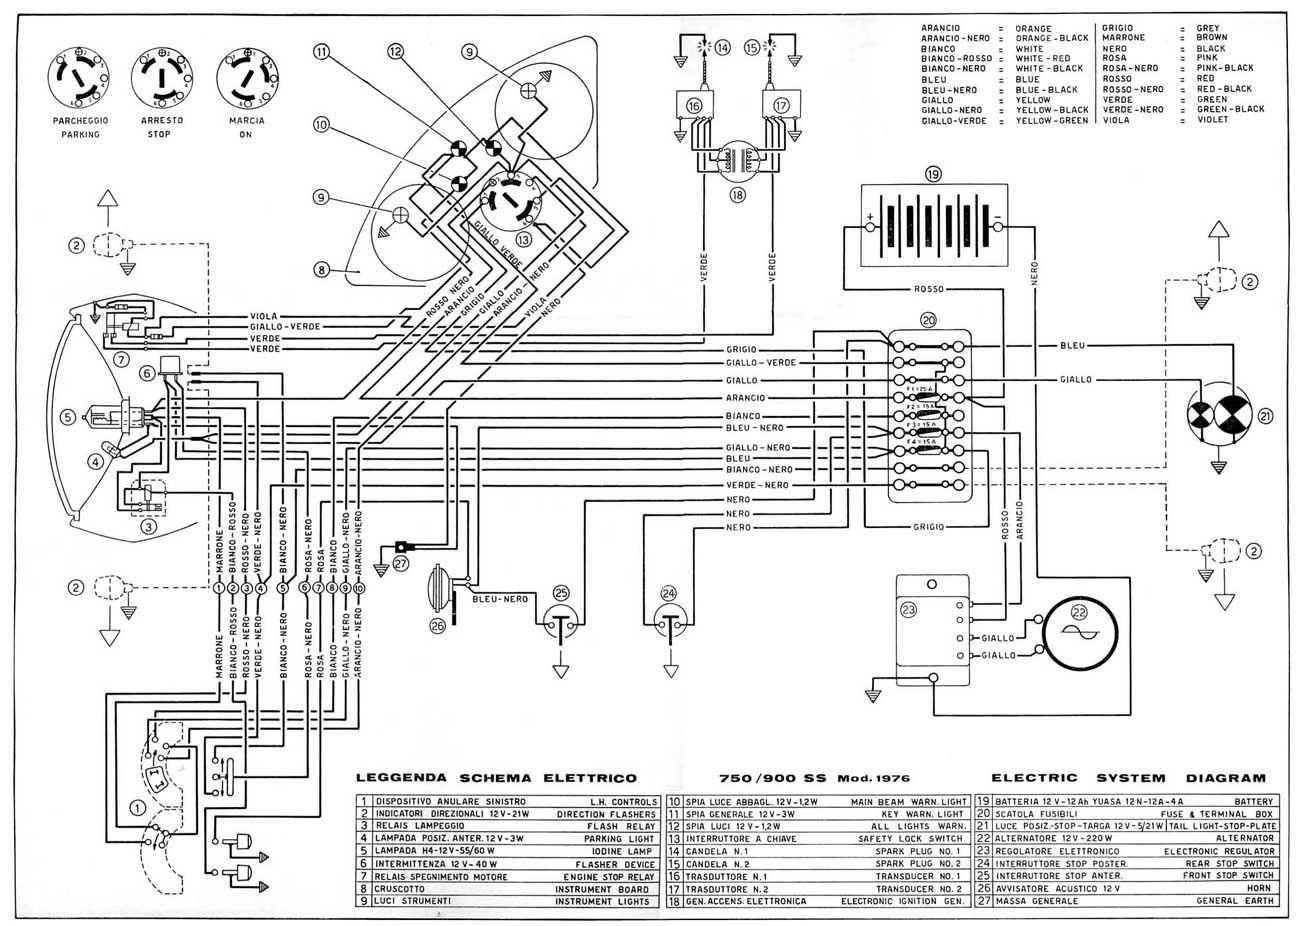 Ducati Electrical Wiring Diagrams Ferarri Rpg3 Vovbernheze Nl Electrical Wiring Diagram Ducati Repair Manuals